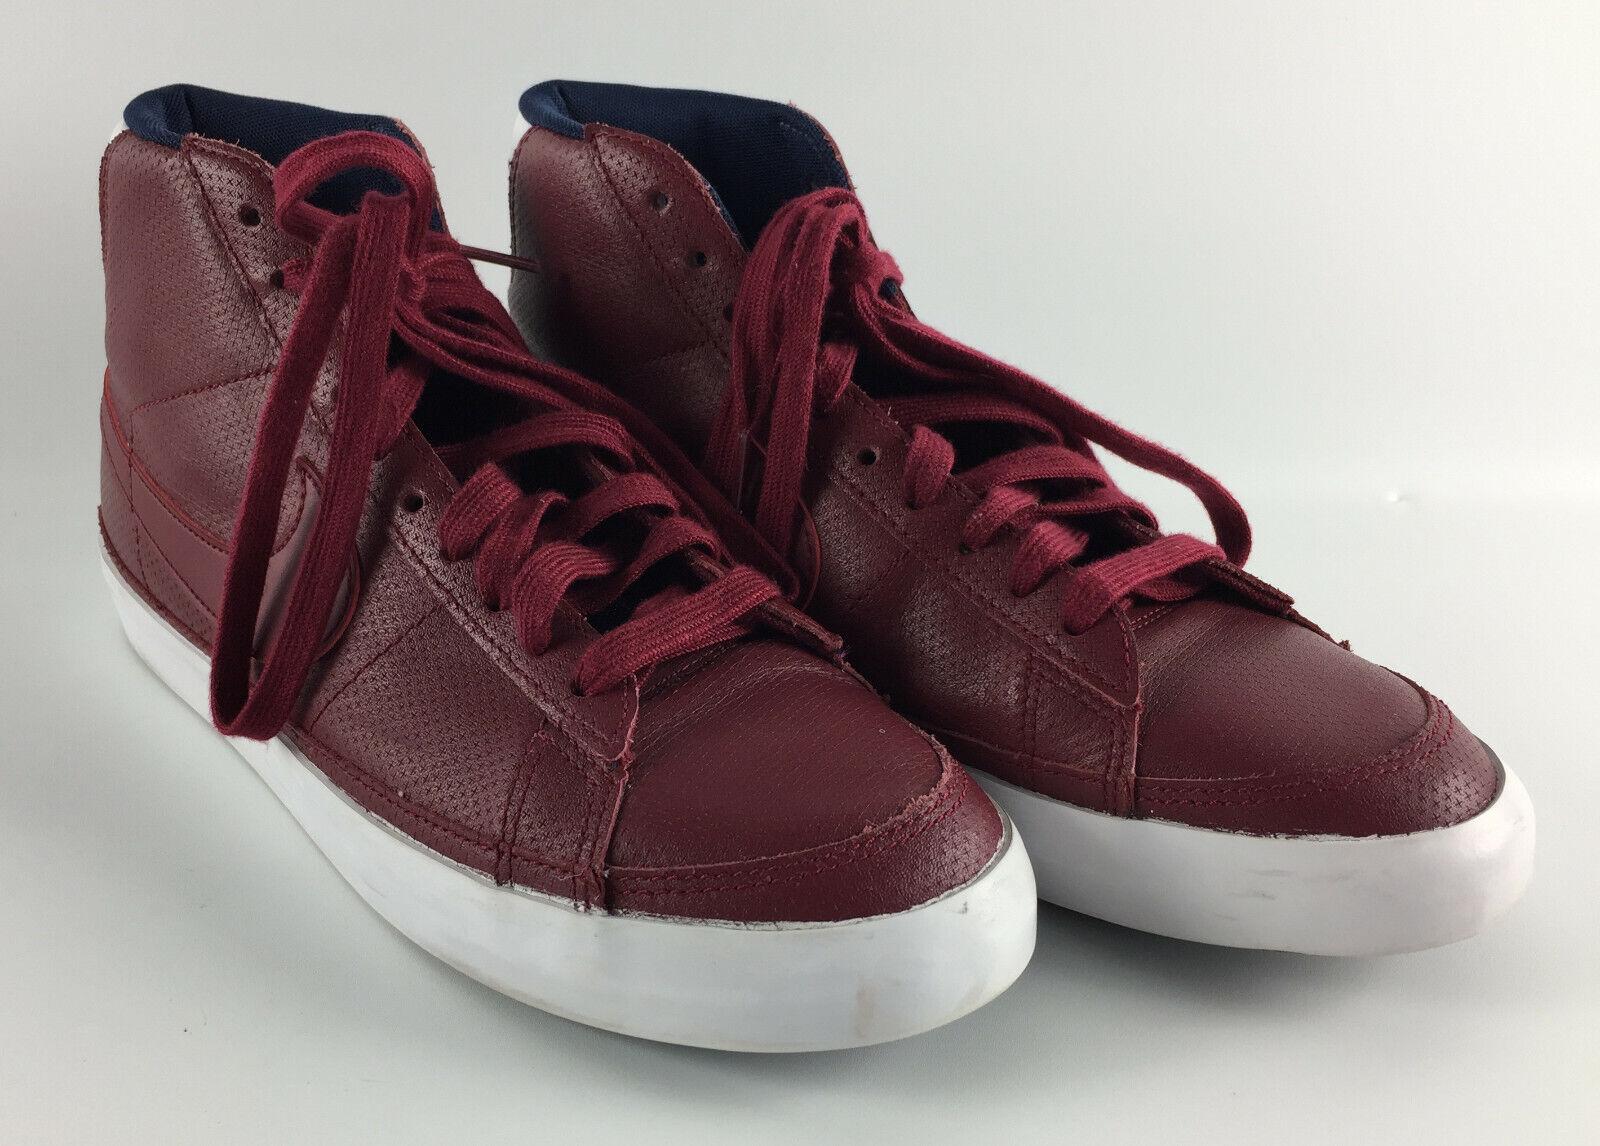 Nike Blazer Mid Team Red White Obsidian - 371761-603 Size 8